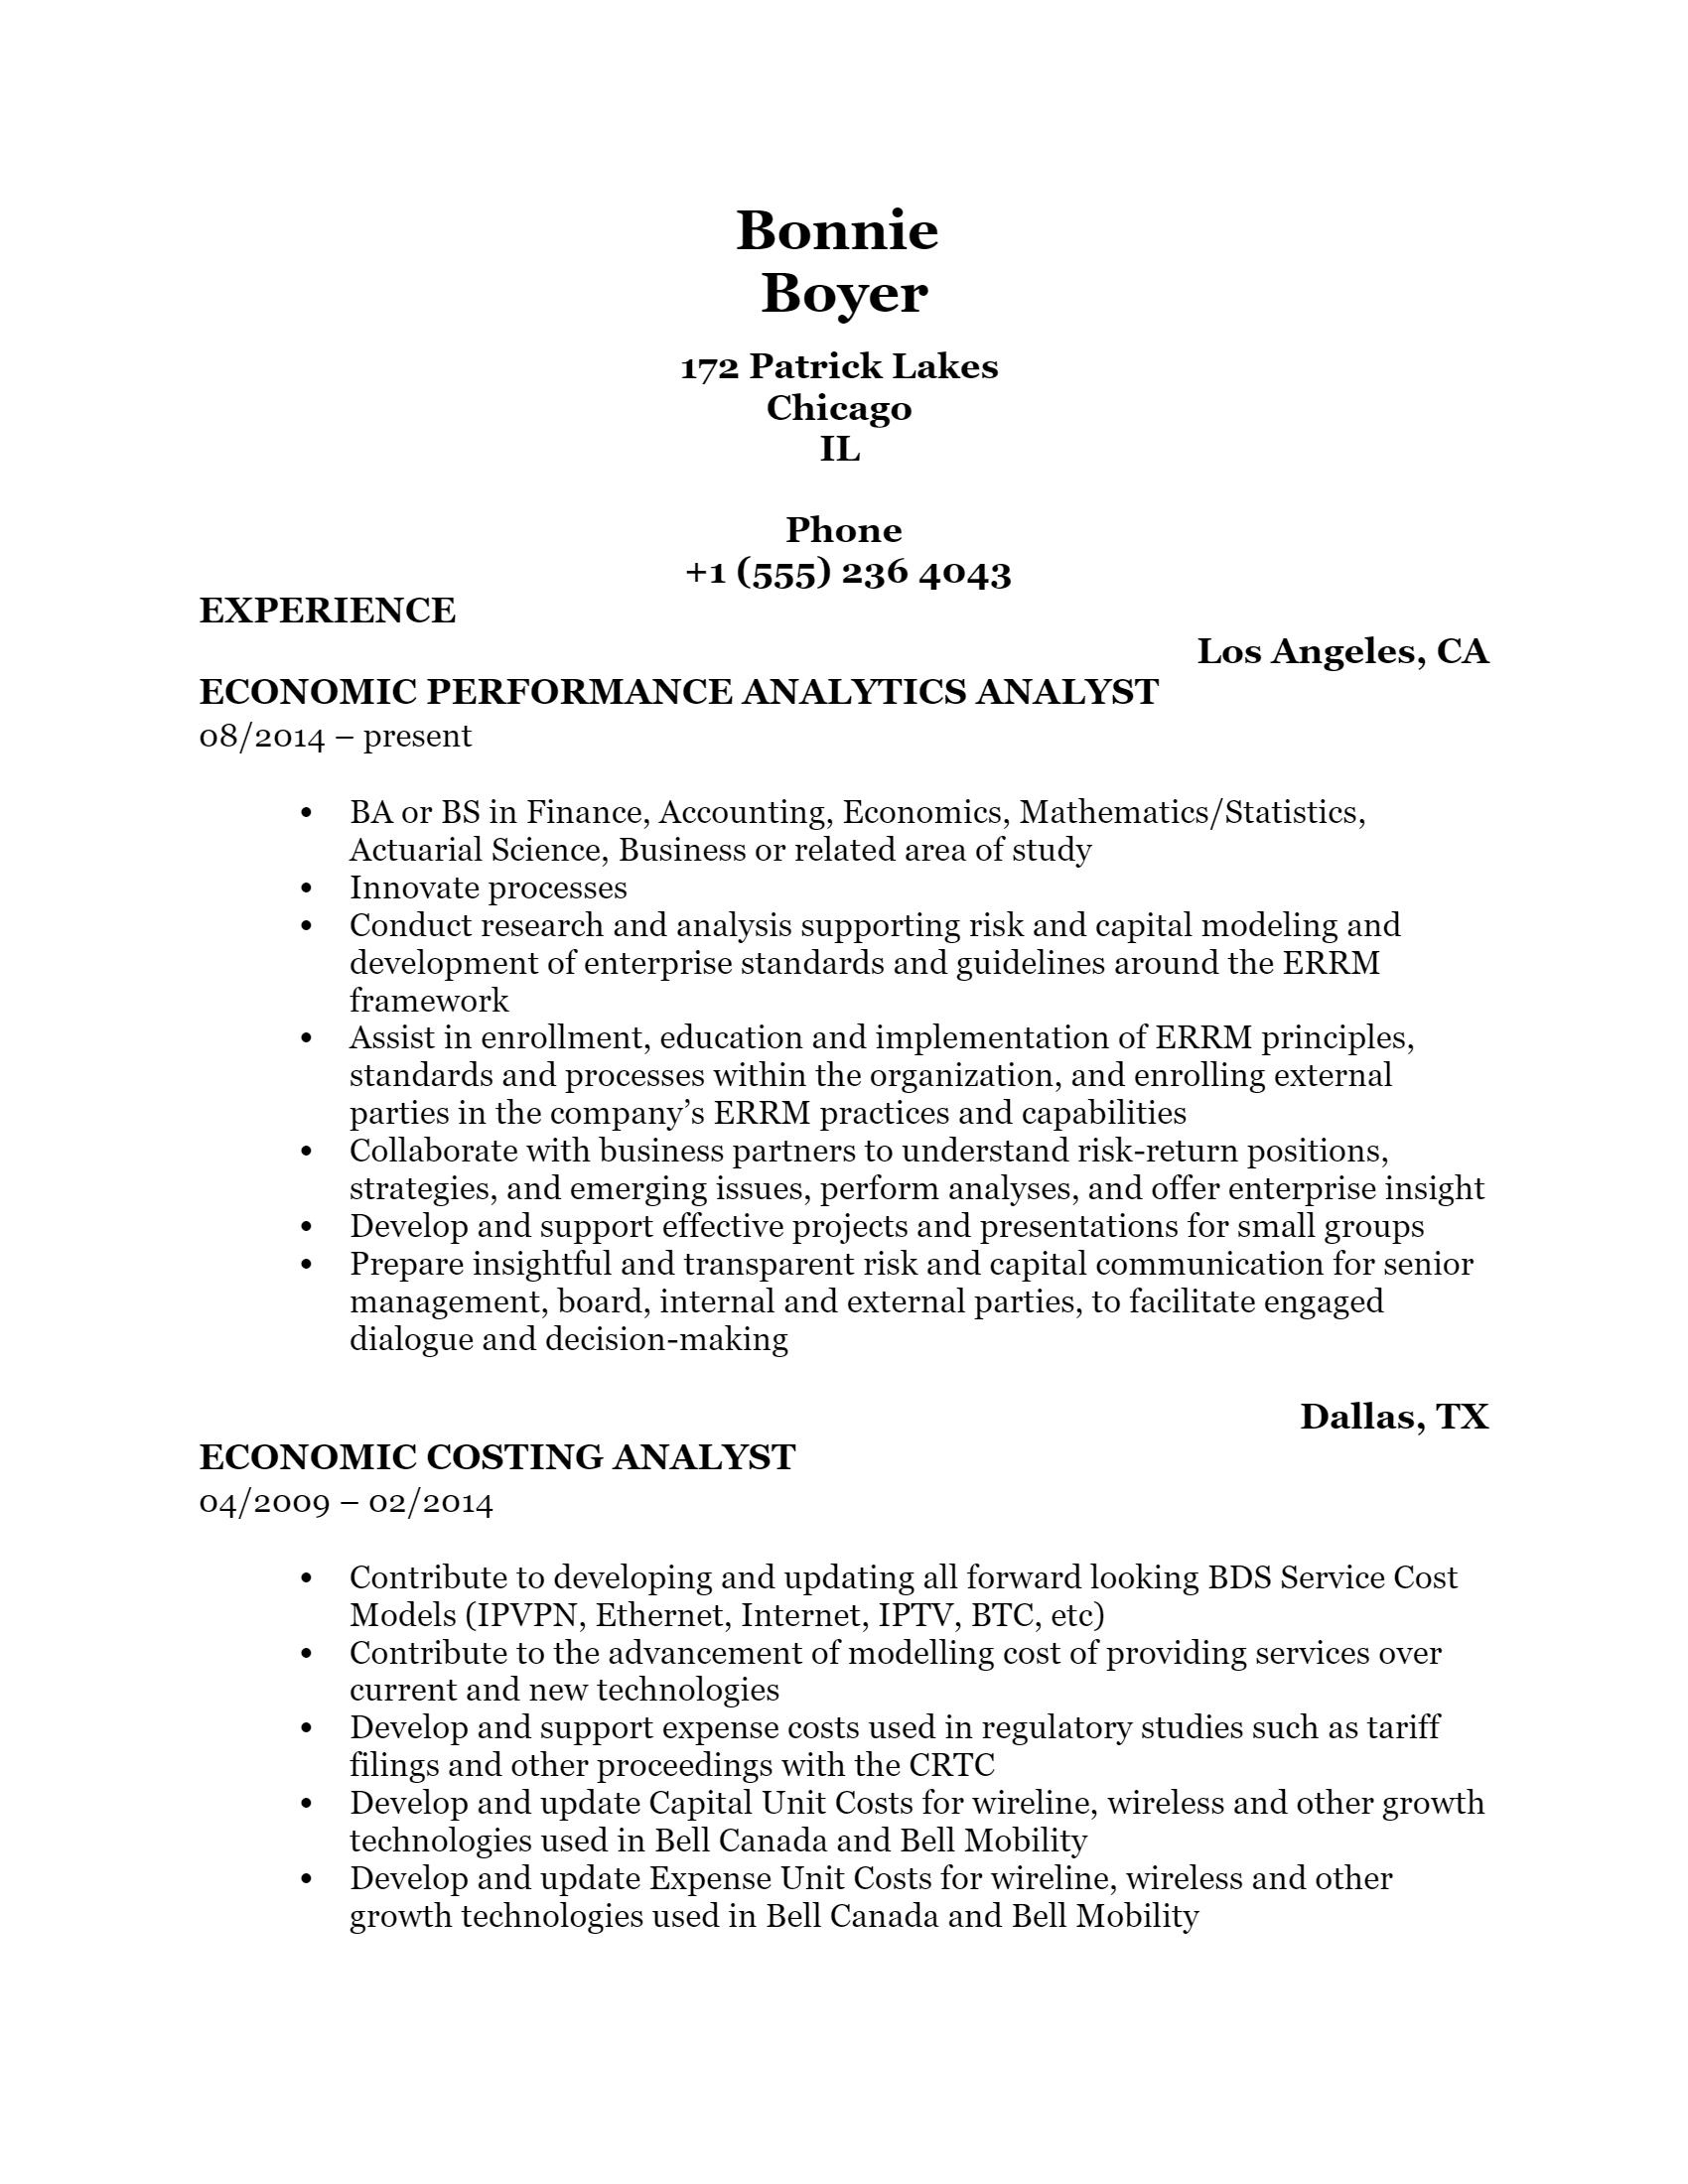 Economic Analyst .Docx(Word)